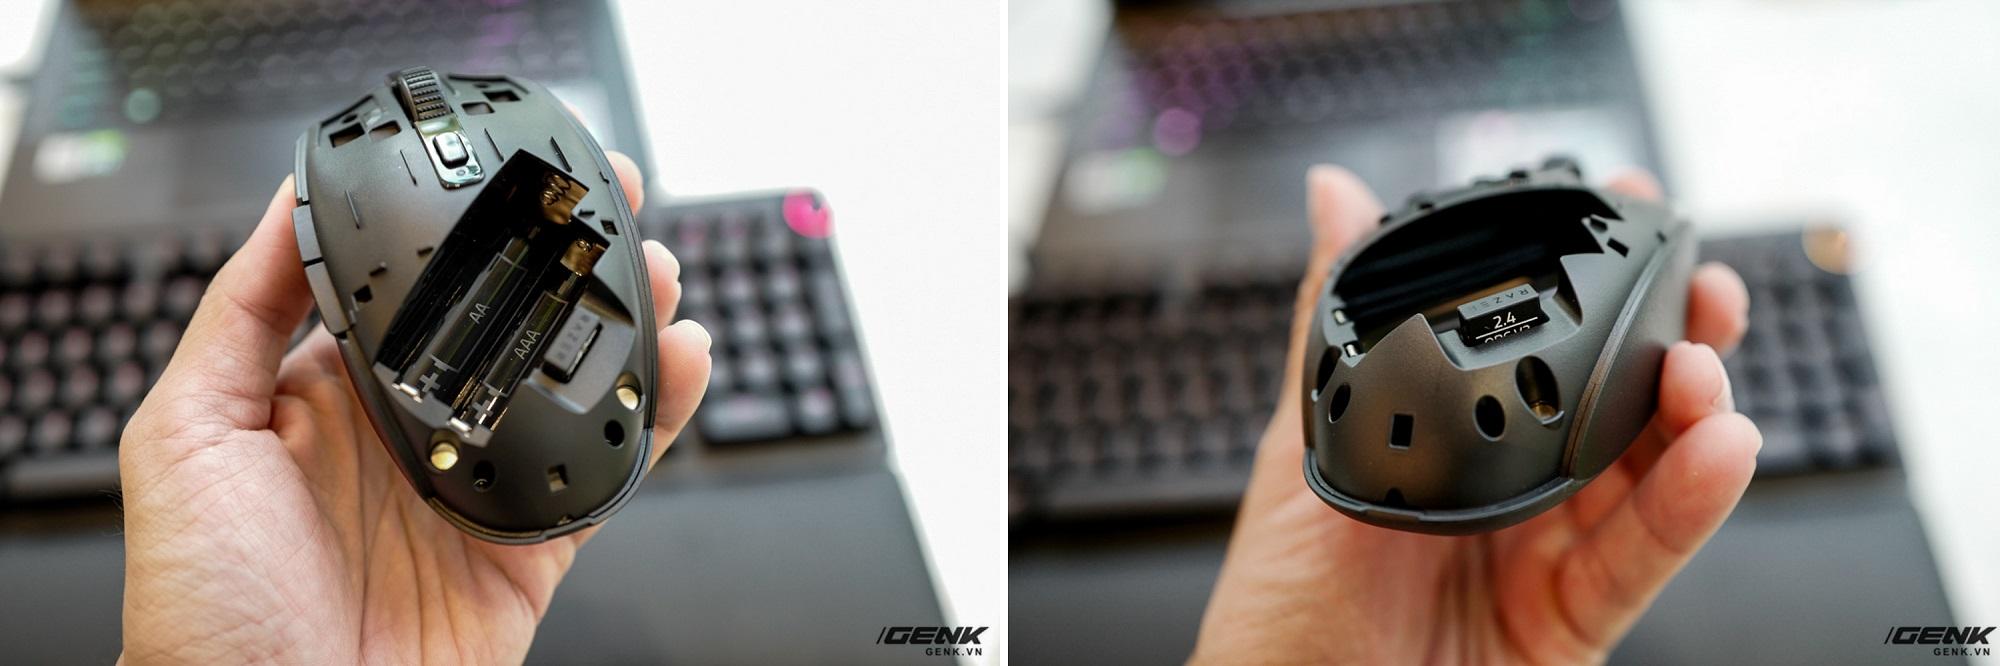 Trên tay chuột không dây Razer Orochi V2: Chuột không dây nhẹ chỉ 60g, pin dùng đến 950 tiếng, giá 1,49 triệu đồng - Ảnh 5.